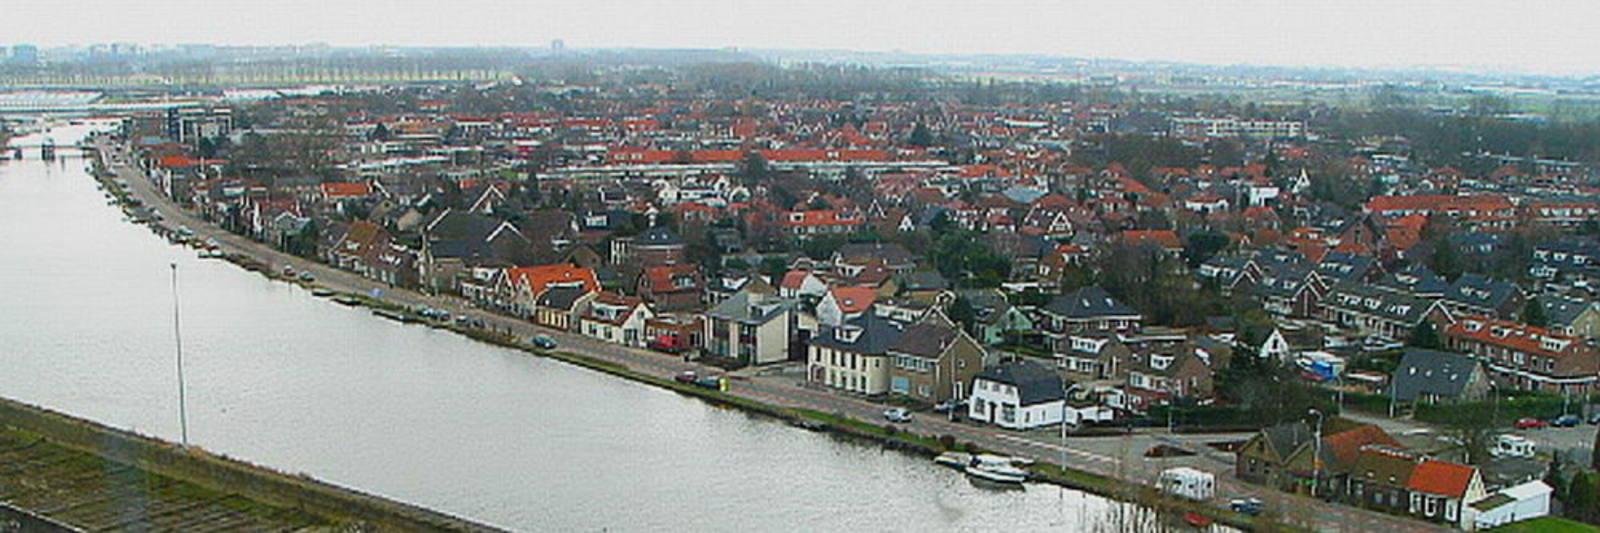 Zwanenburg 2010± Panorama vanaf Suikersilo